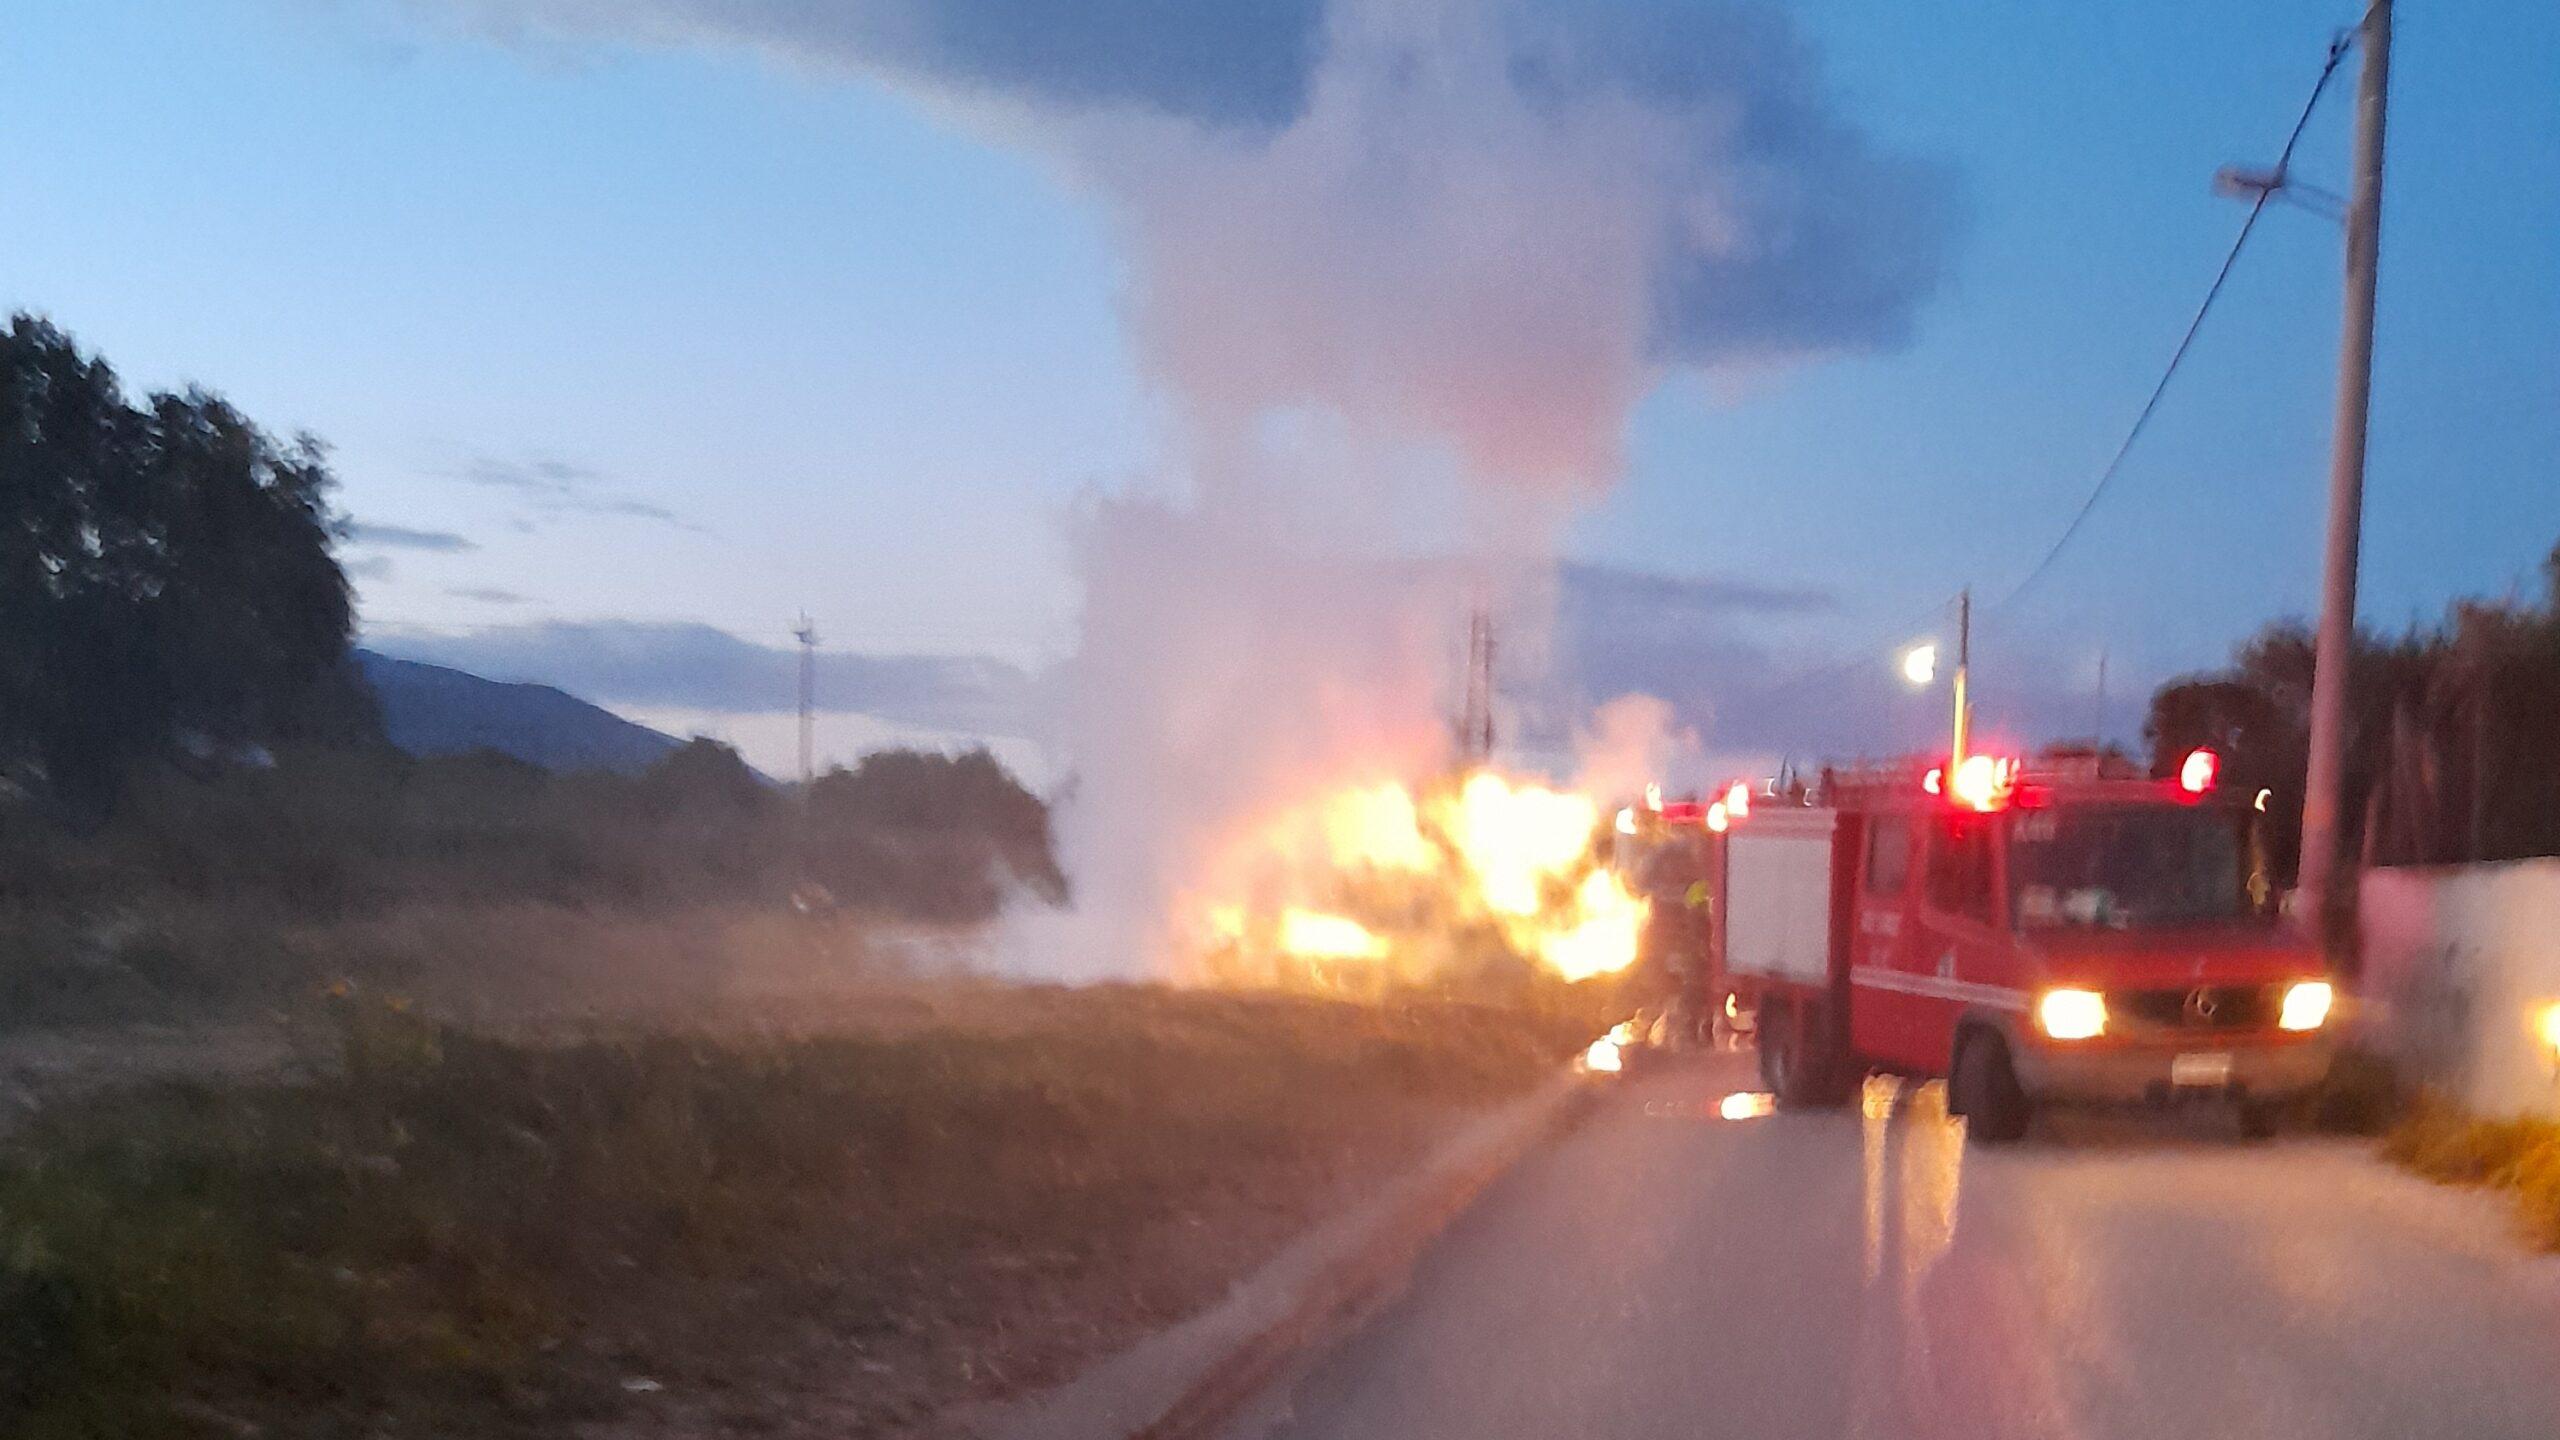 Πυρκαγιά ΤΩΡΑ σε Ι.Χ.Ε. όχημα στην Βάρη Αττικής